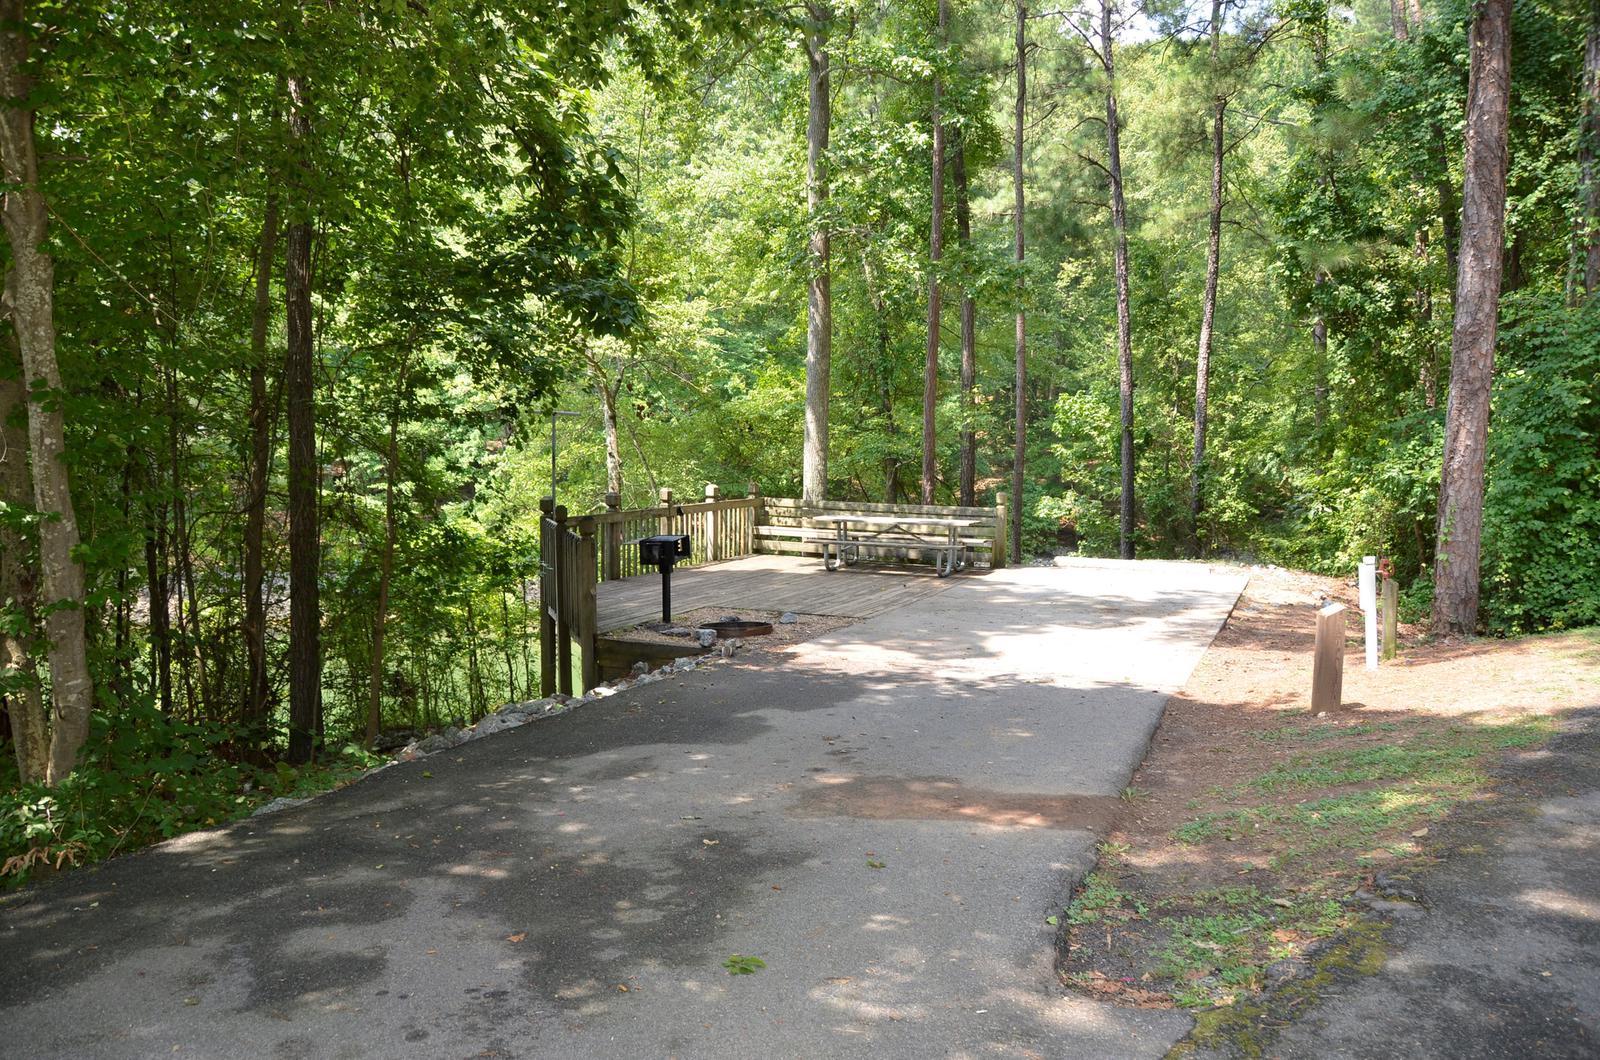 McKinney Campground Site 141